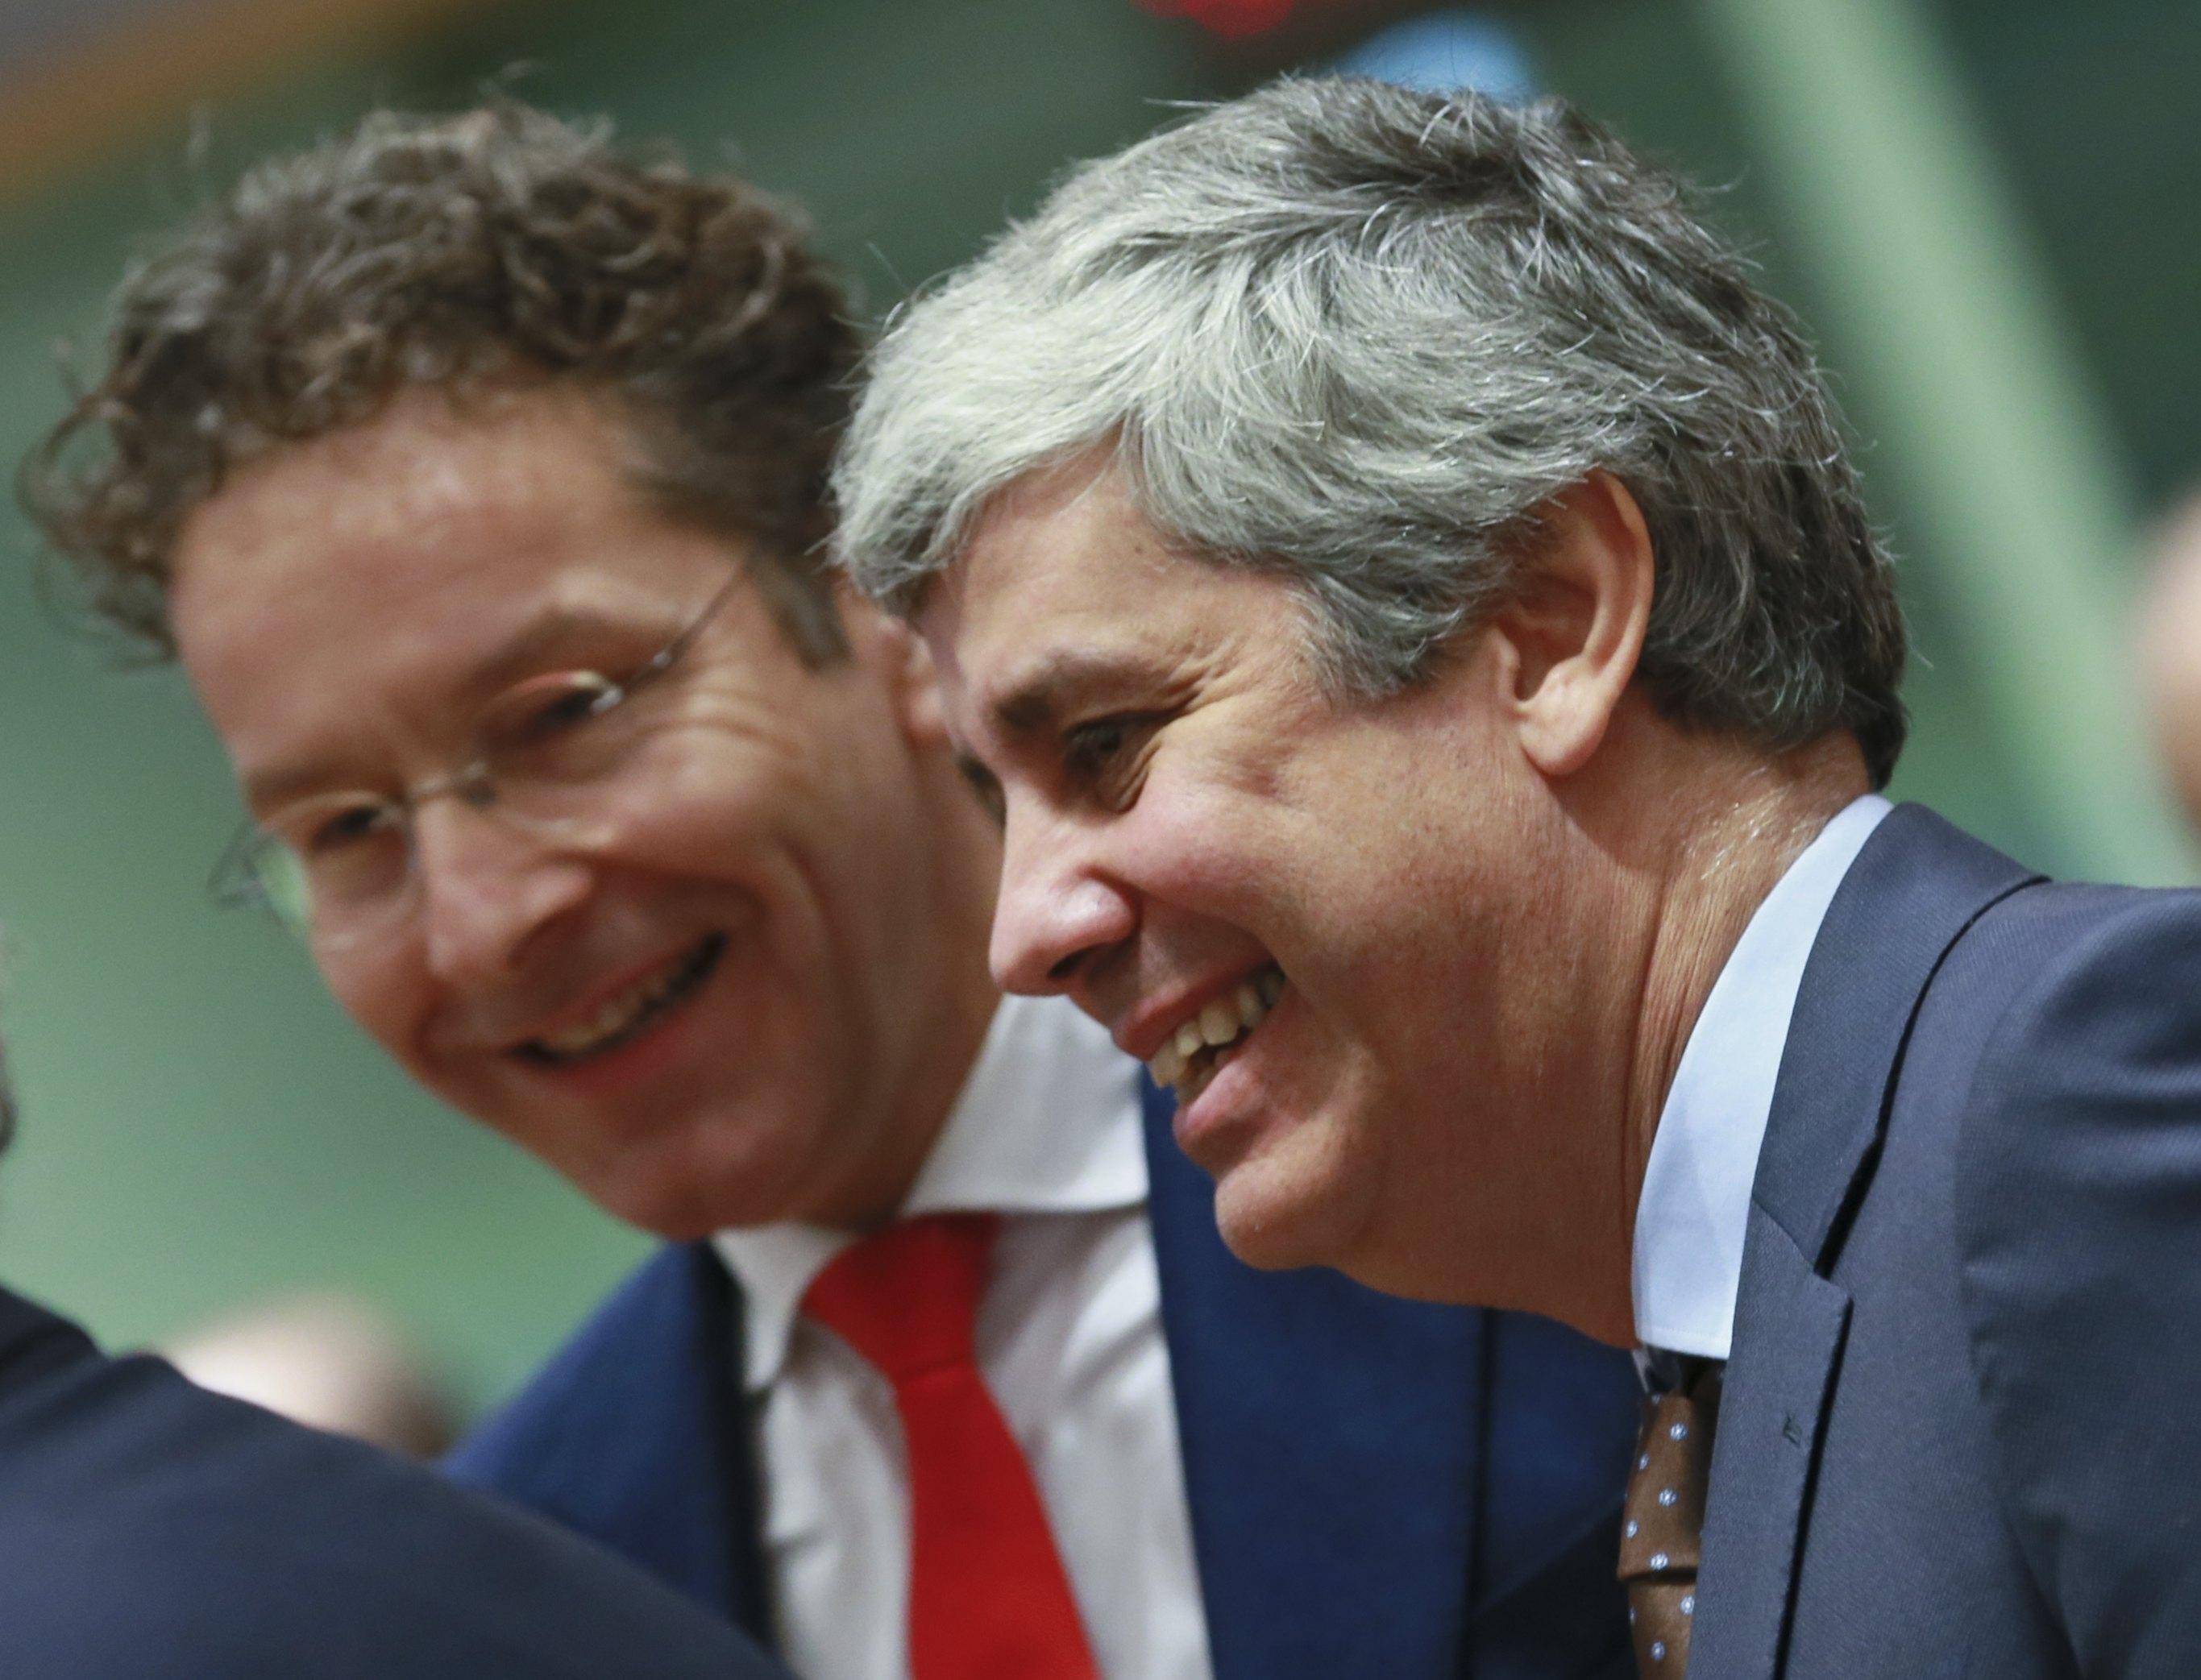 Eurogrupo: Centeno afinal não venceu na primeira volta